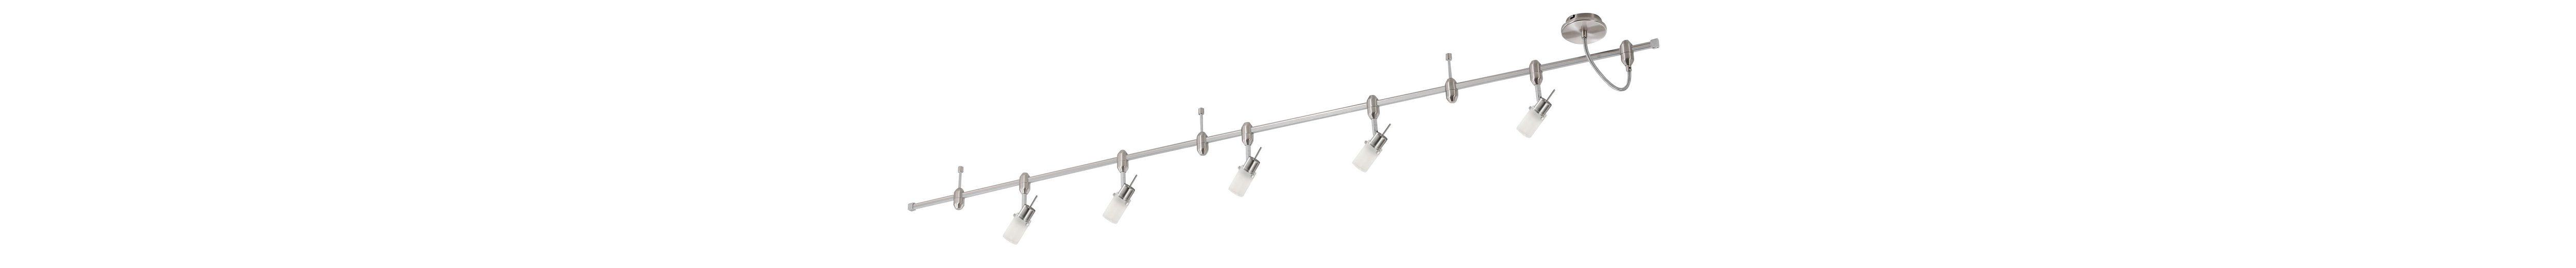 Paul Neuhaus LED-Deckenleuchte, 5flg., »GRANBY-LED«